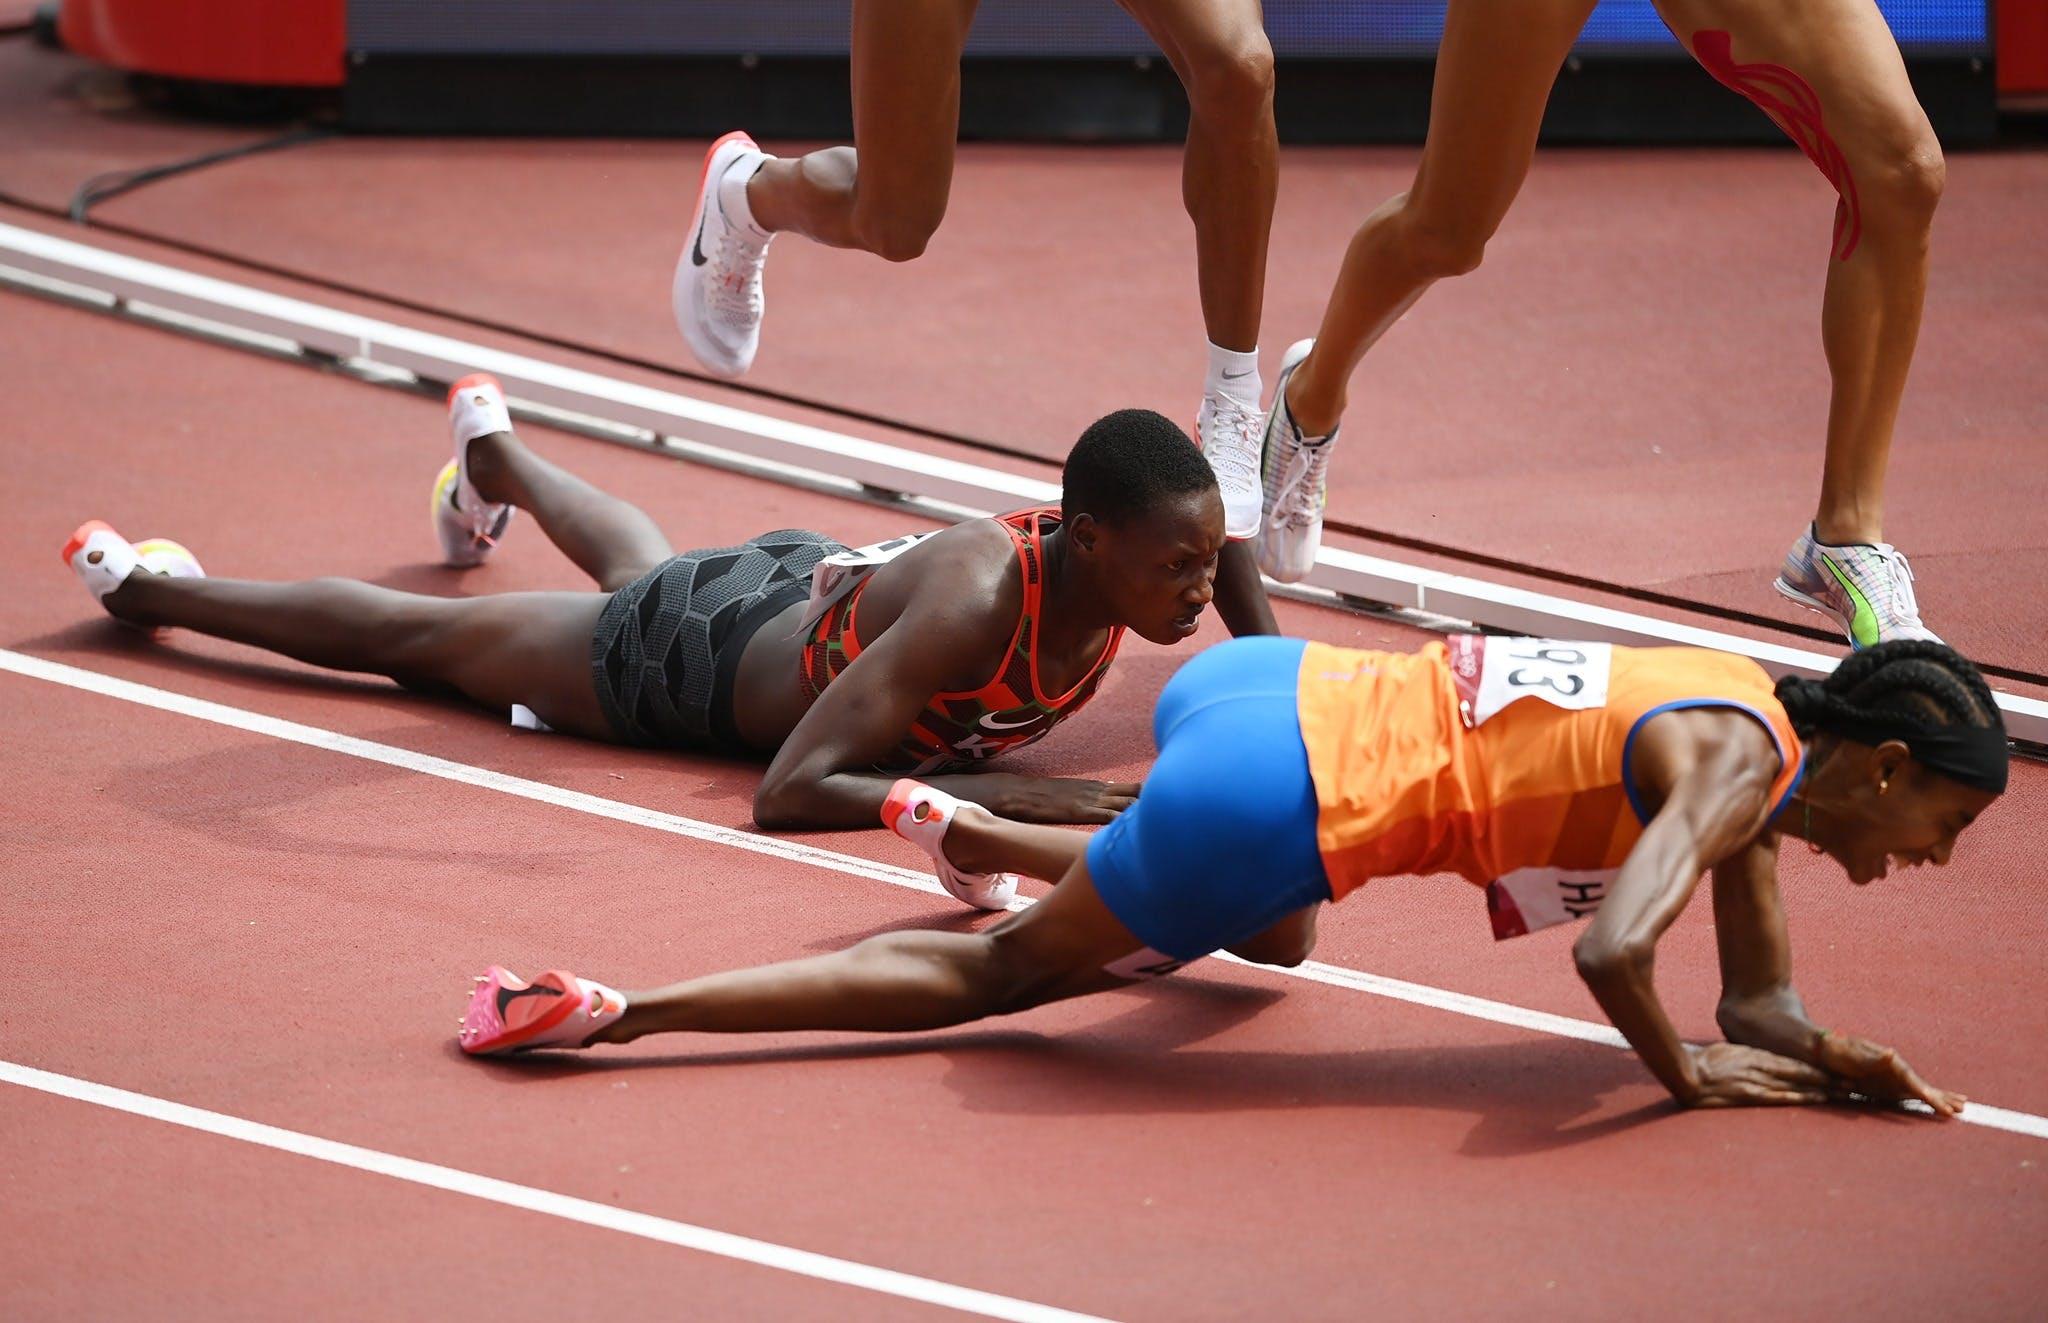 Απίστευτη κούρσα από τη Χασάν: Έπεσε στον τελευταίο γύρο στα 1500μ. και τερμάτισε πρώτη (Vid)